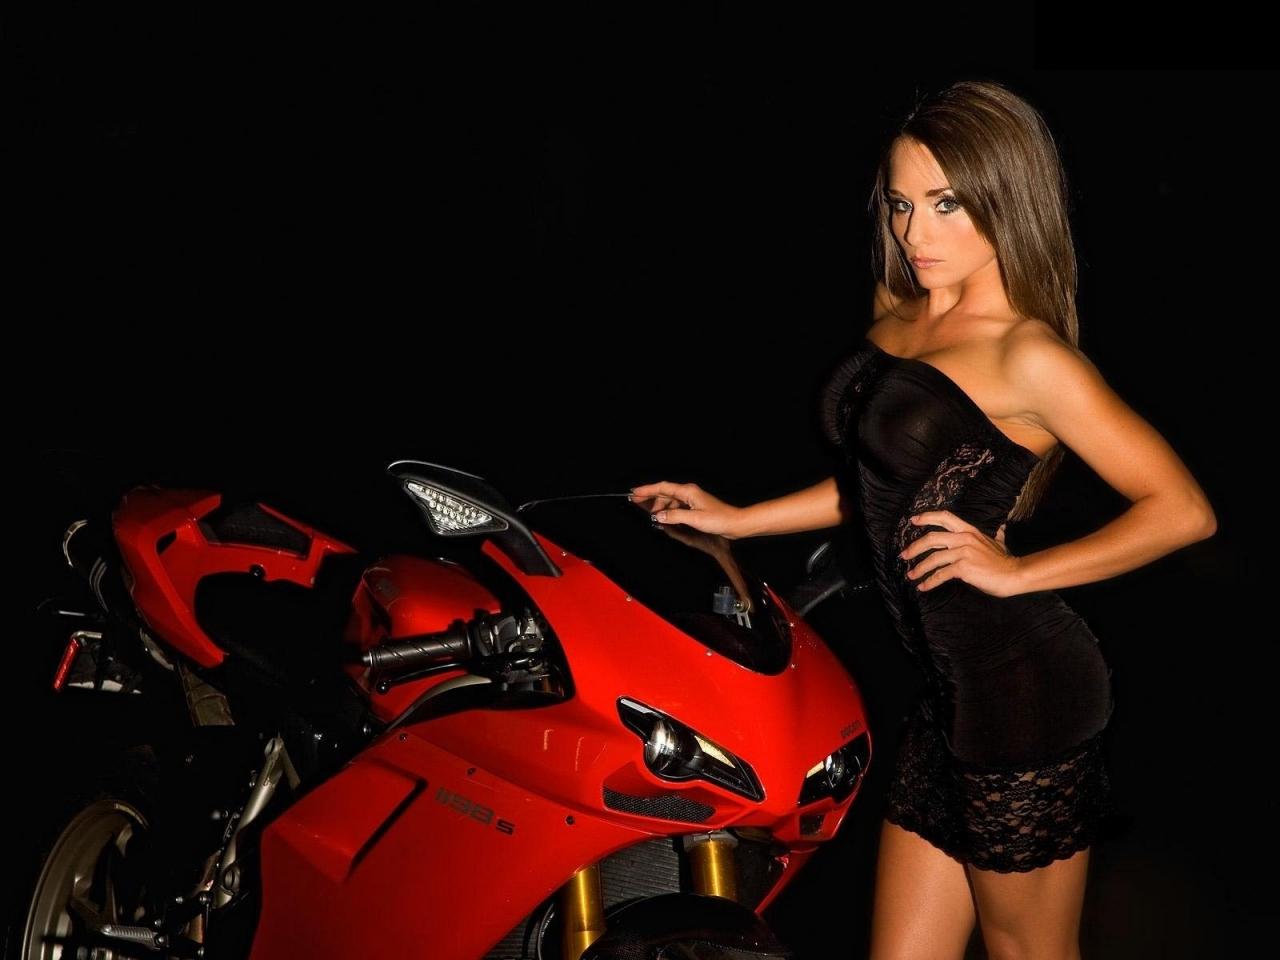 Una Ducati y una modelo - 1280x960